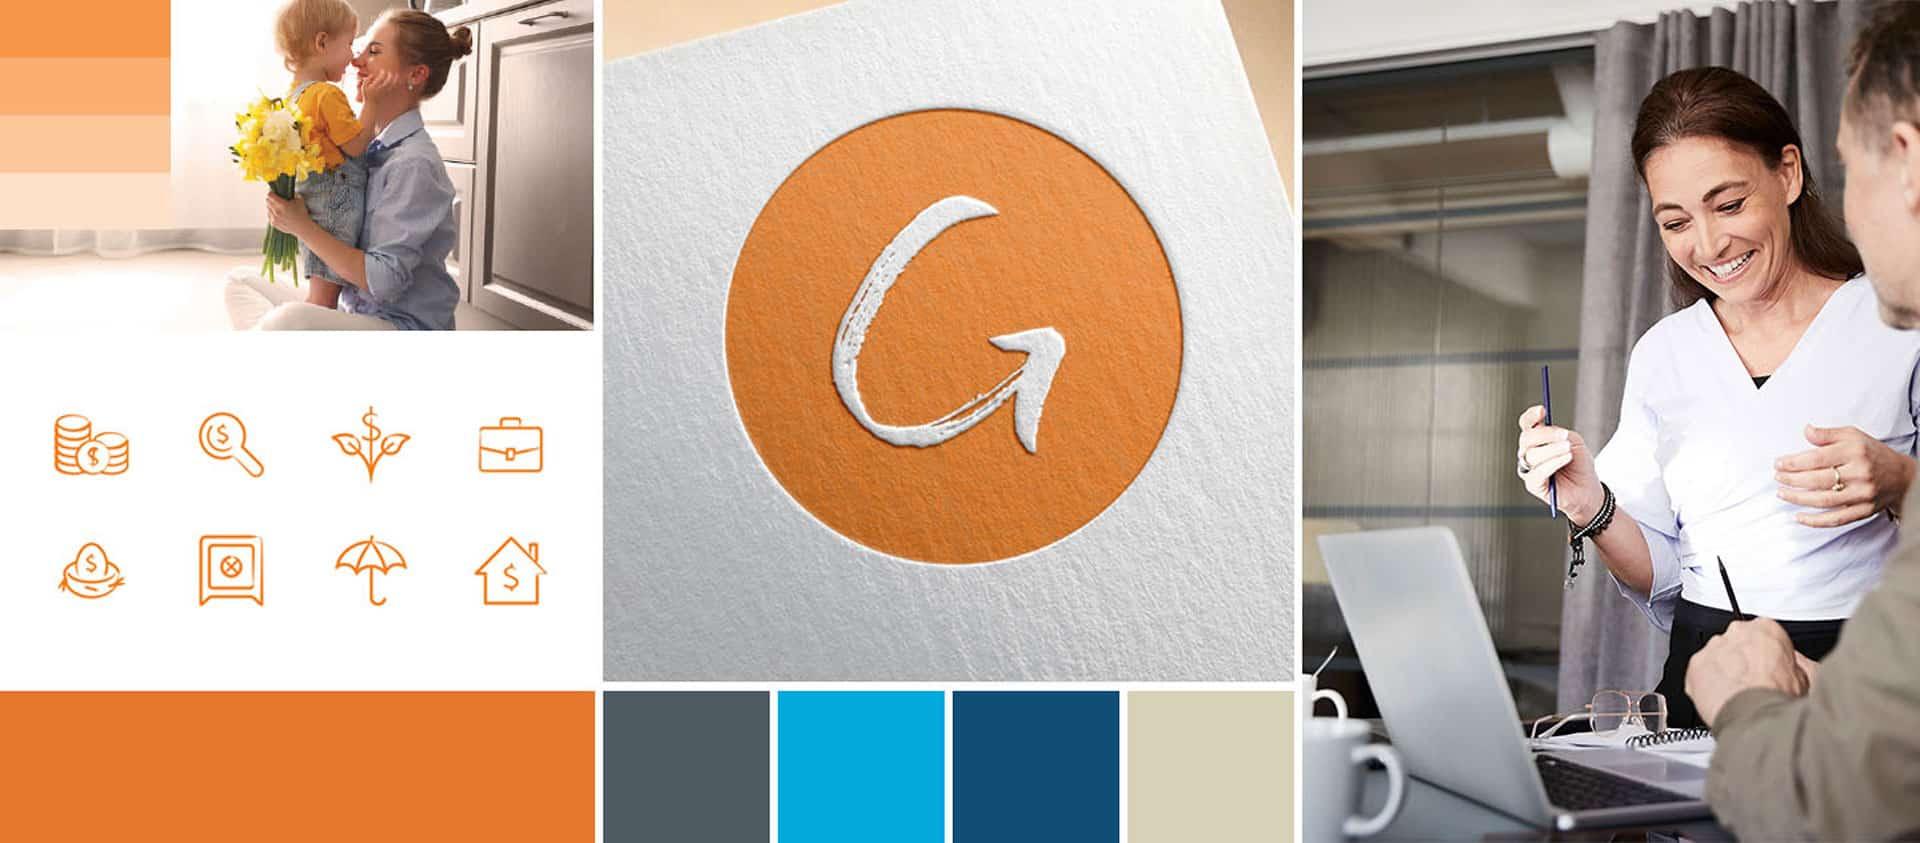 Brand Identity and Logo Design for Girard Wealth Advisors